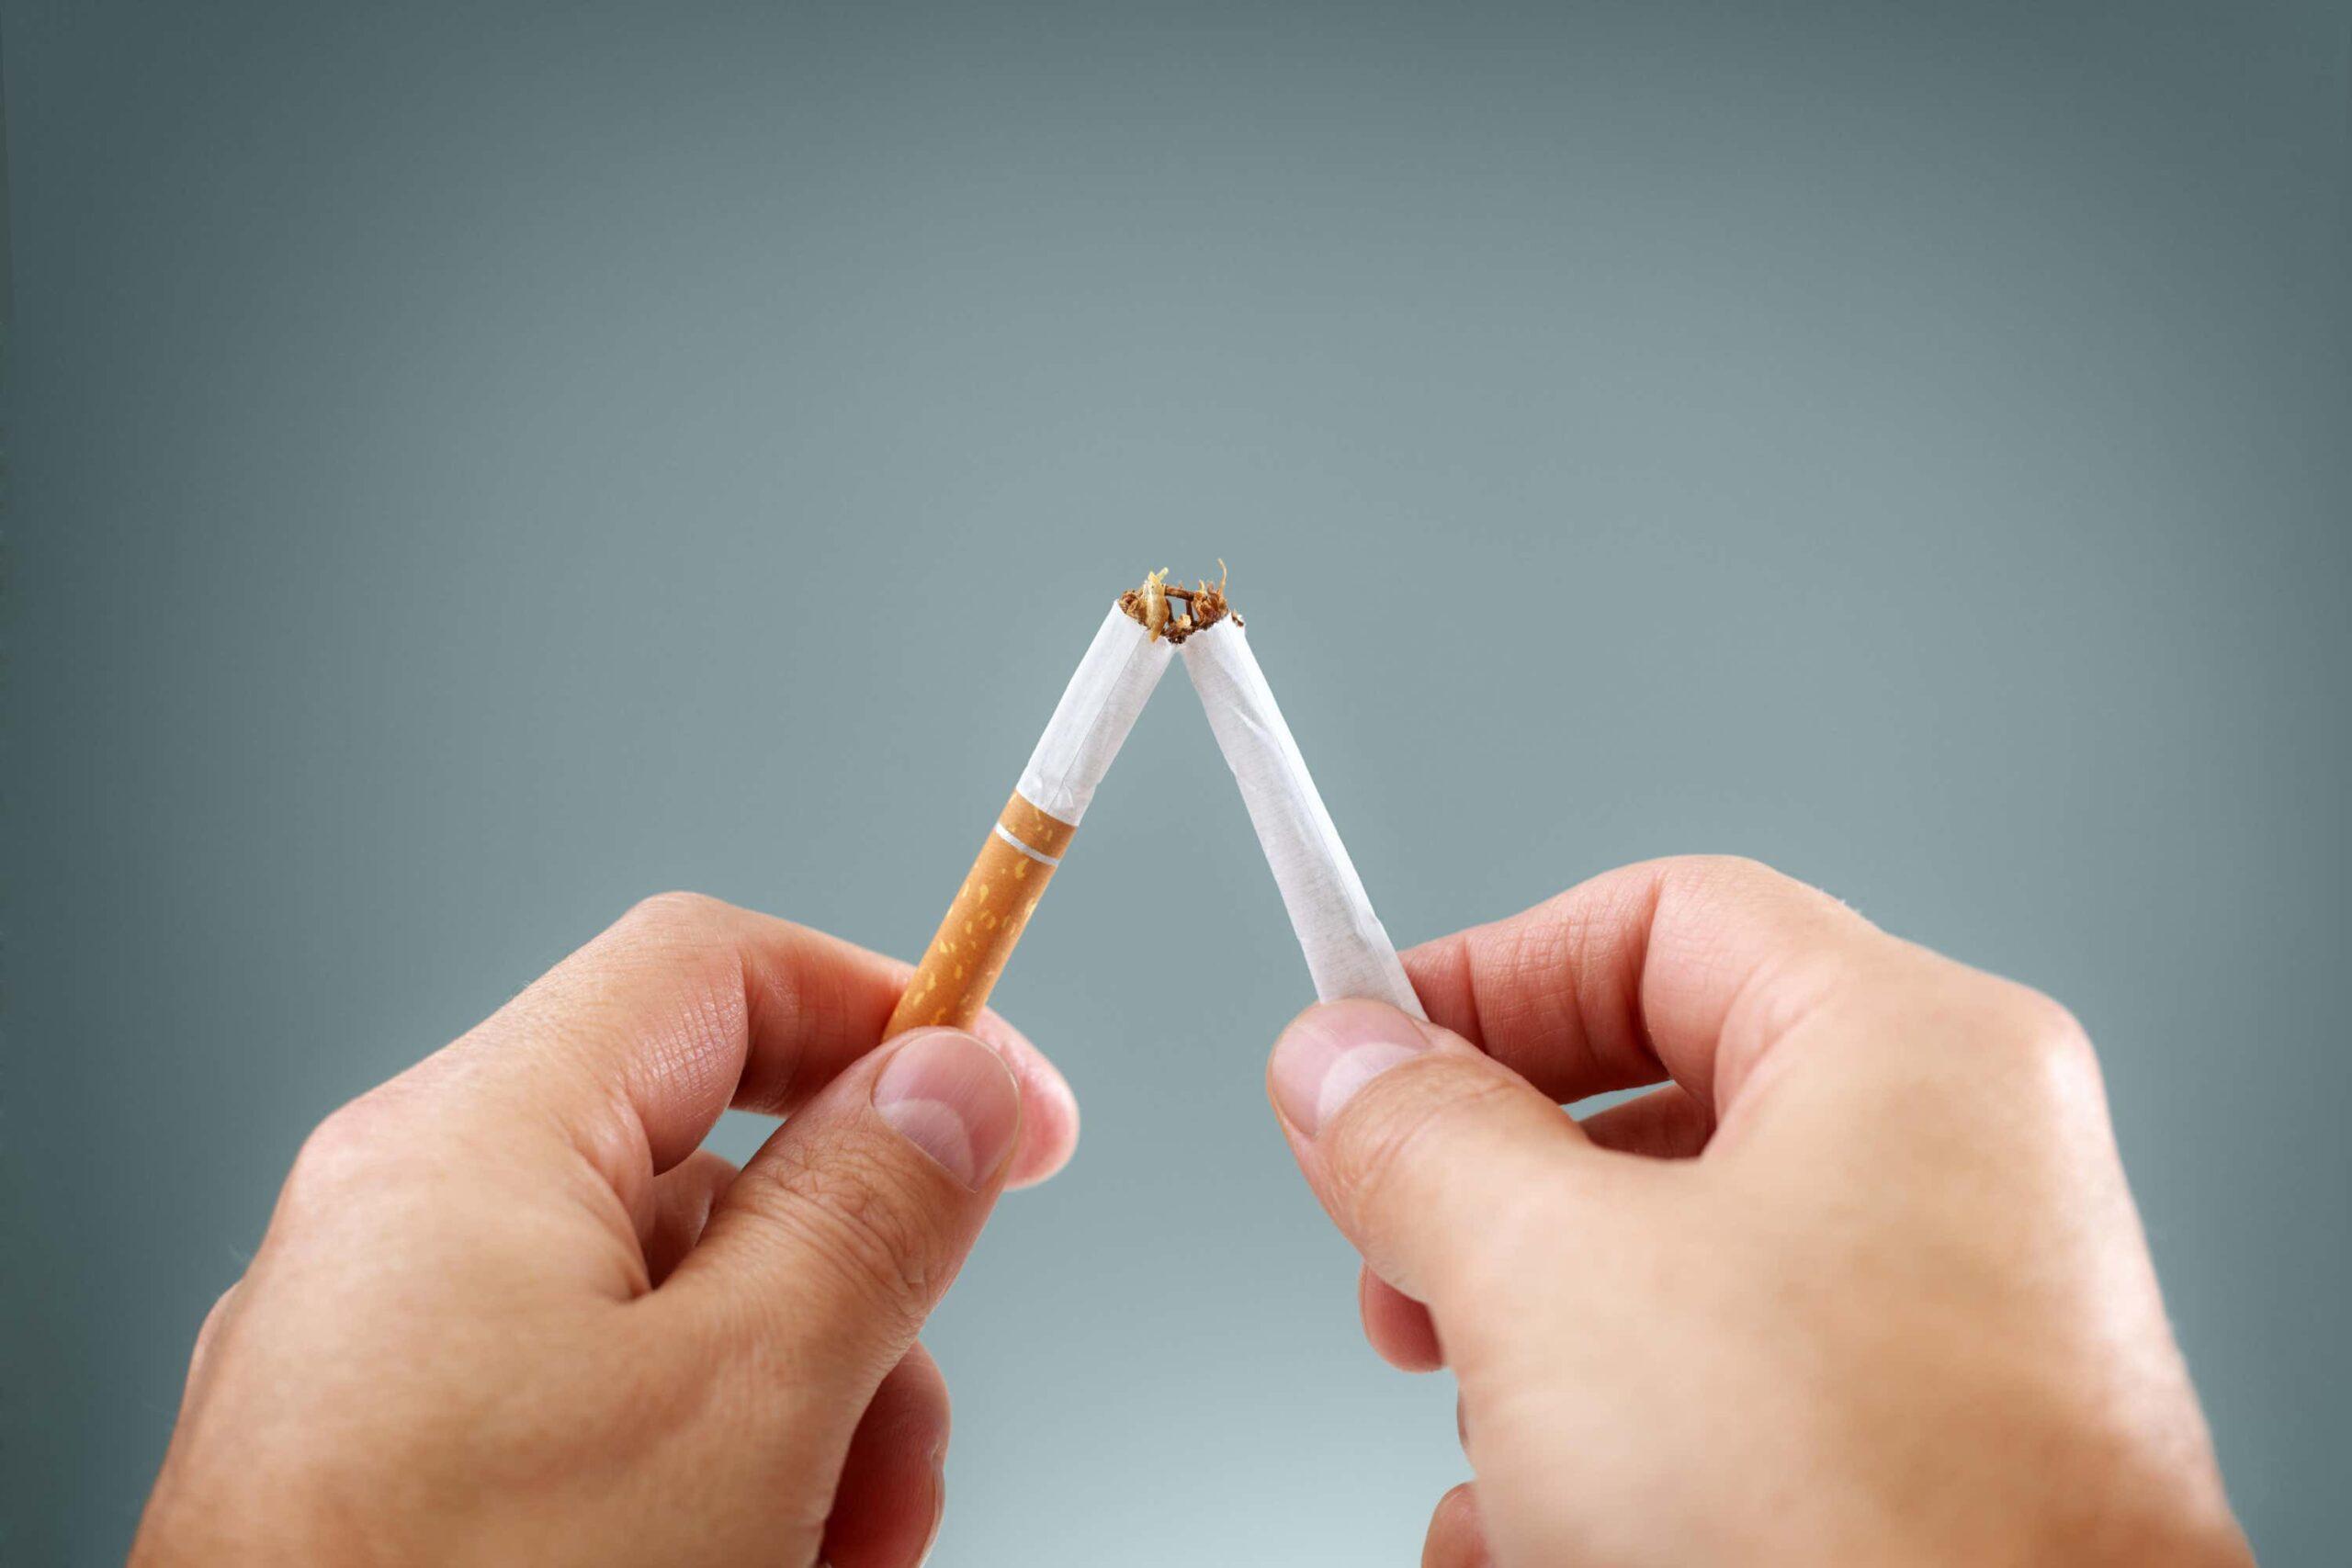 Desperate For A Cigarette